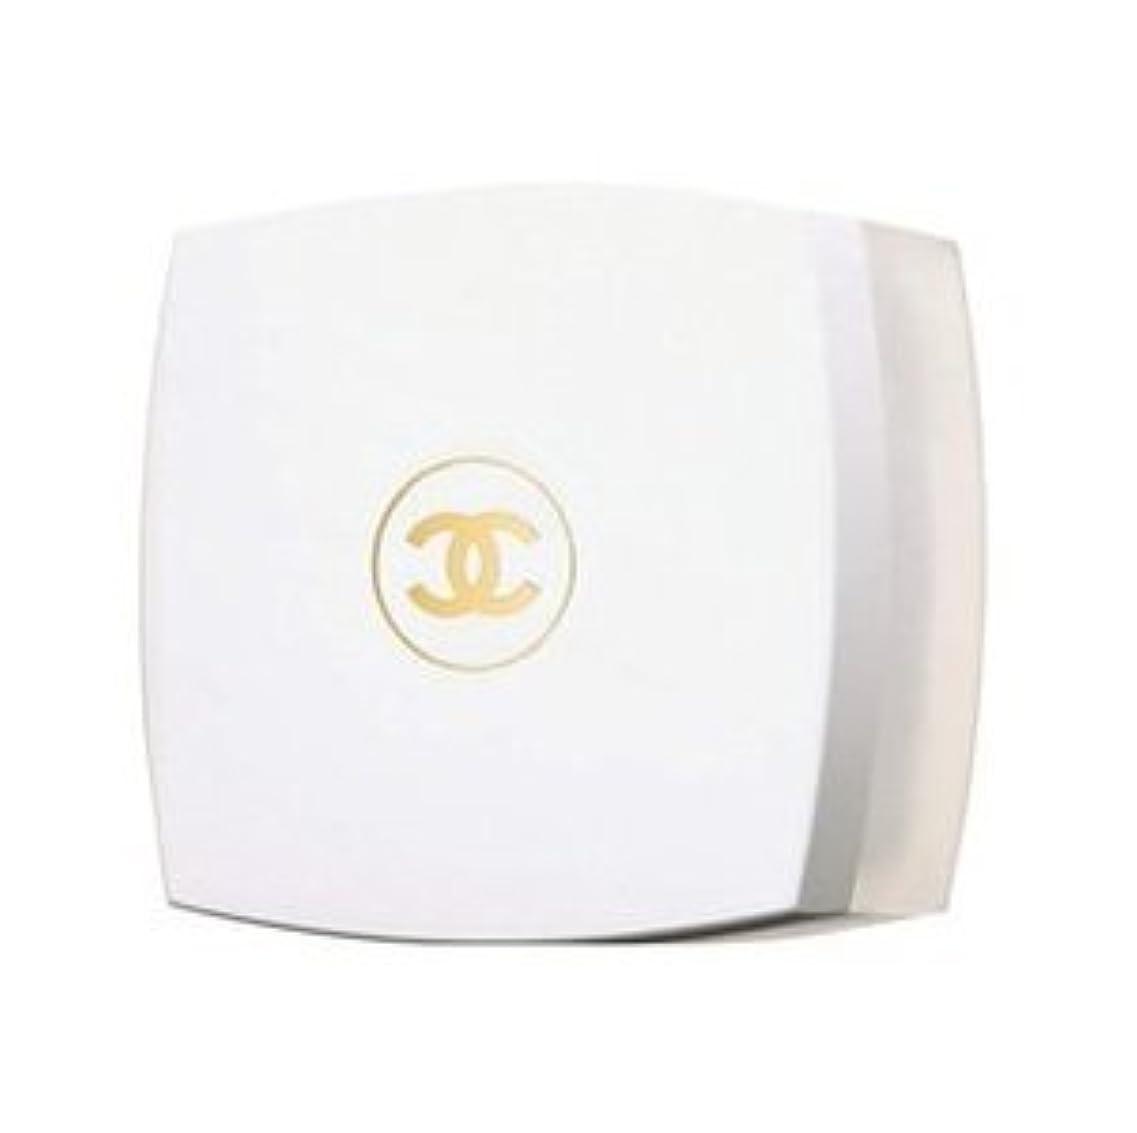 田舎者乳白色一回シャネル CHANEL ココ マドモアゼル フレッシュ ボディ クリーム 150g